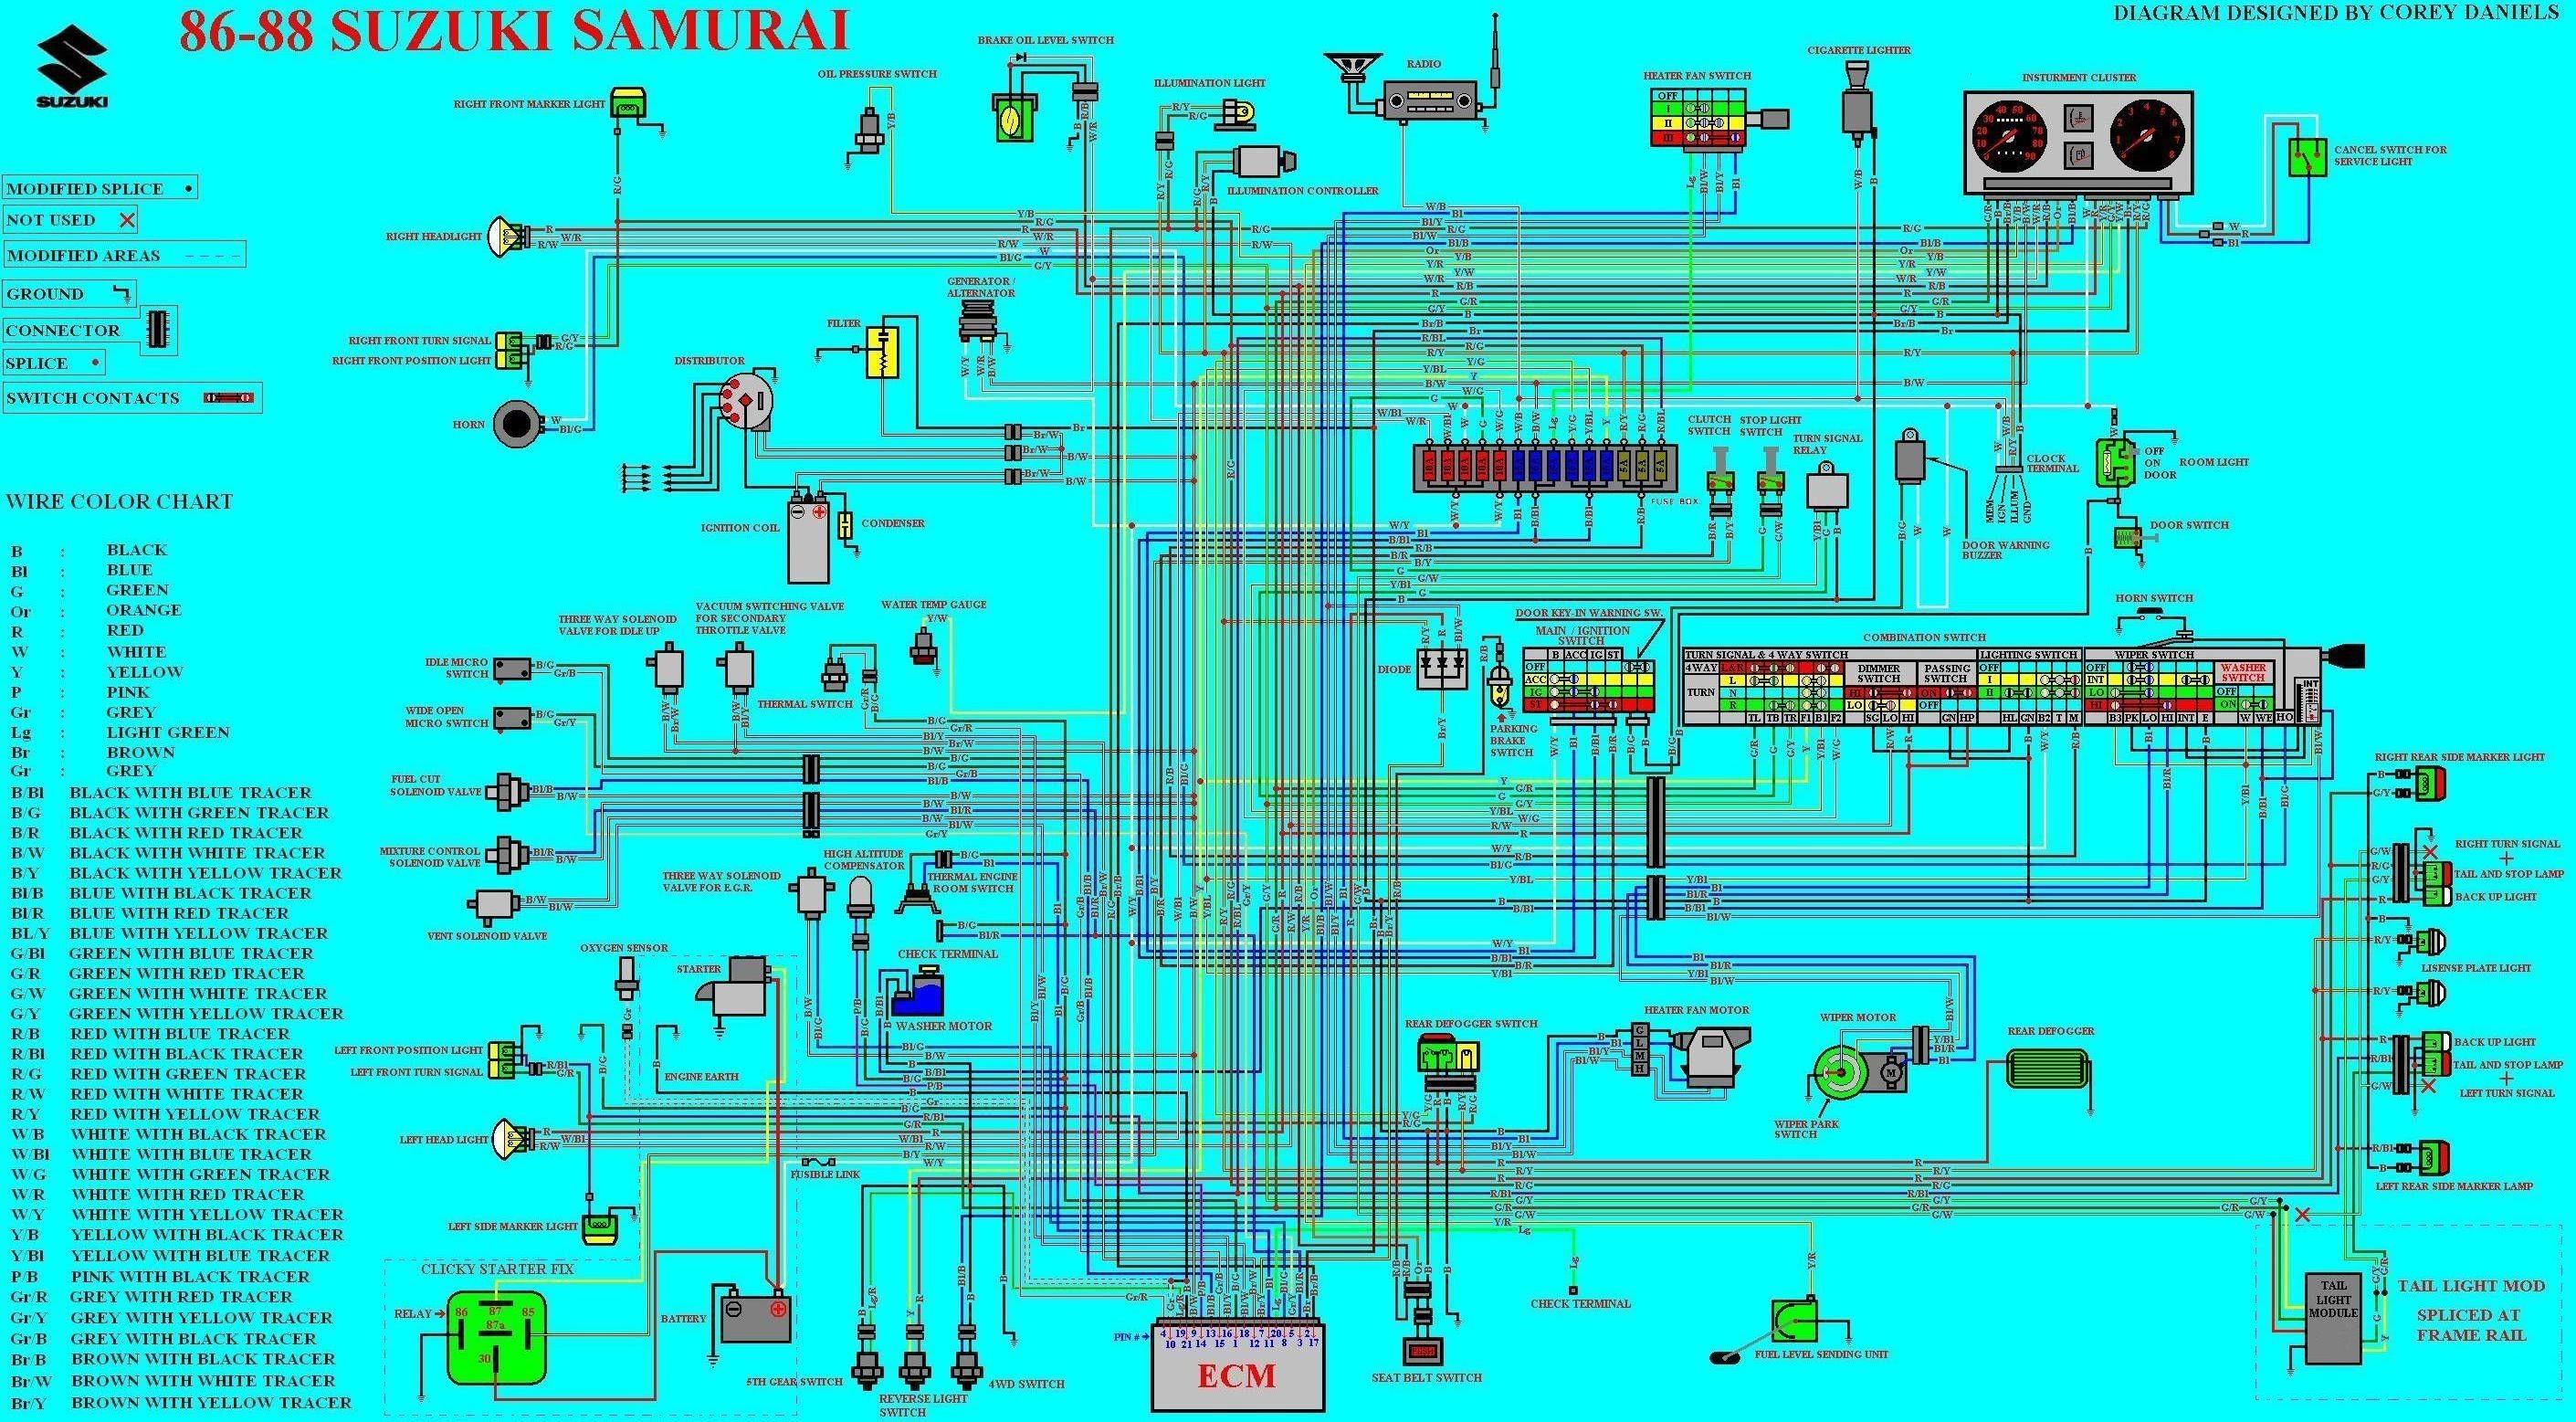 1988 Suzuki Samurai Alternator Wiring Suzuki Alternator Wiring Diagram Wiring Diagram Schematic Of 1988 Suzuki Samurai Alternator Wiring